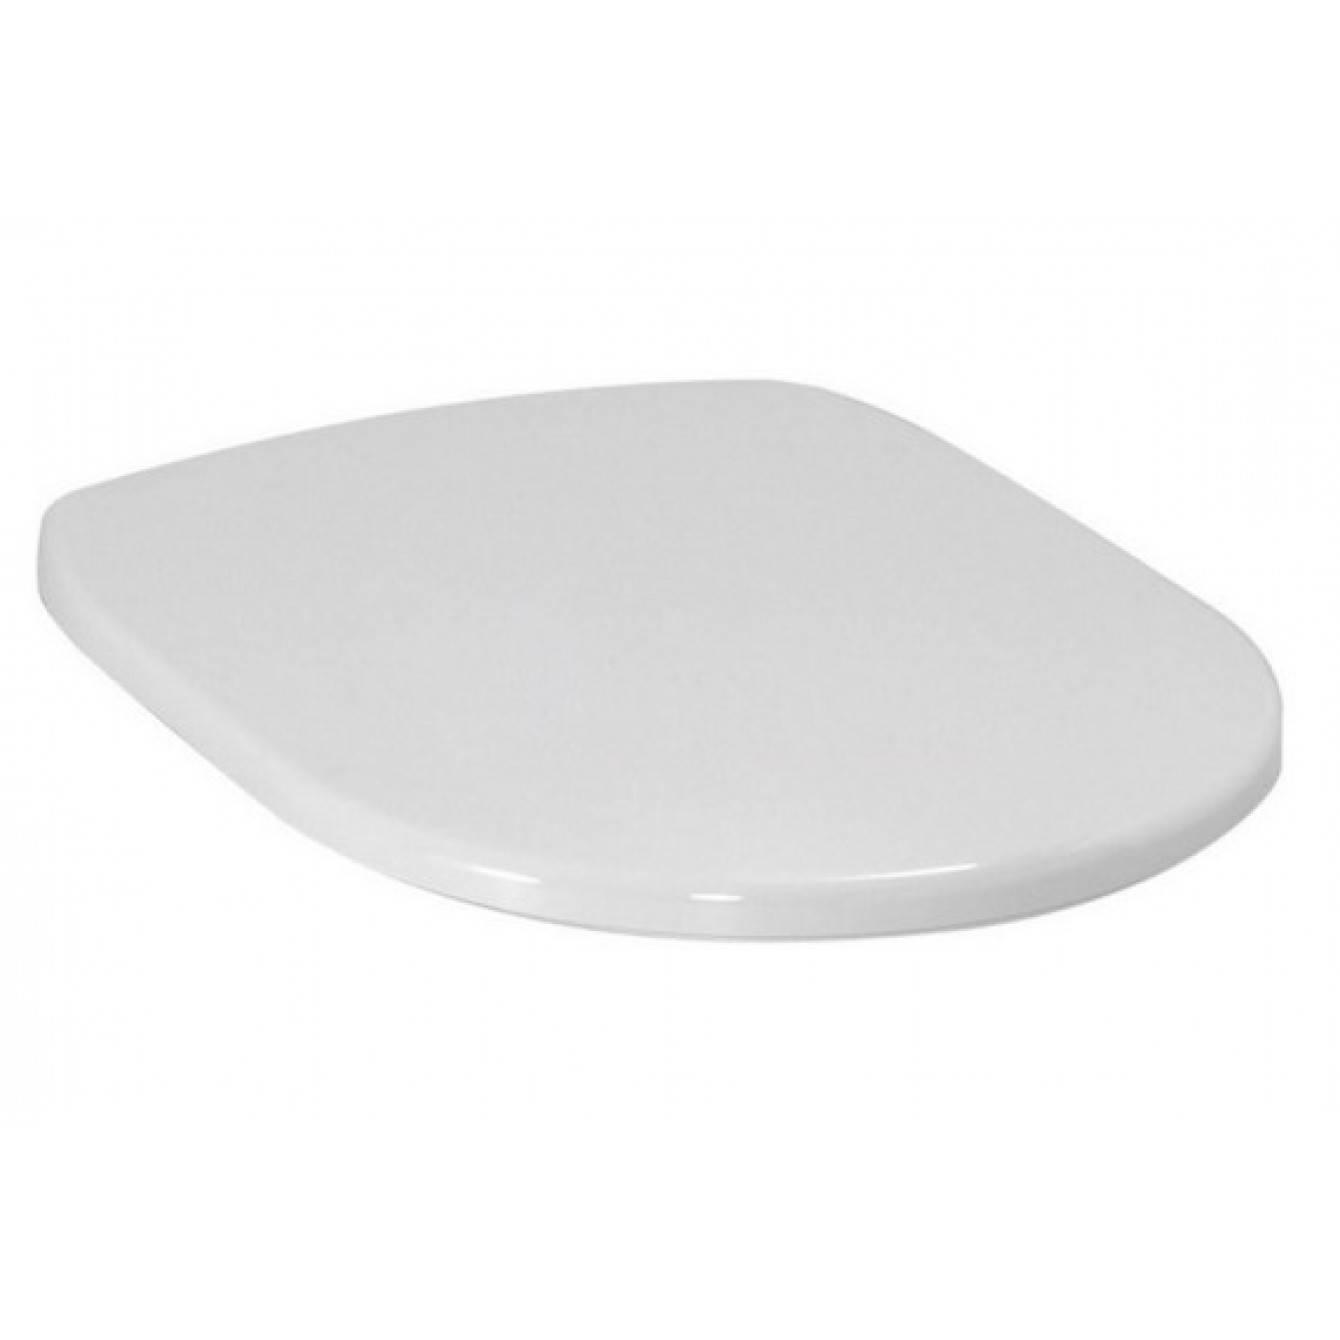 Крышка-сиденье для унитаза Laufen Pro 8.9195.0.300.003.1